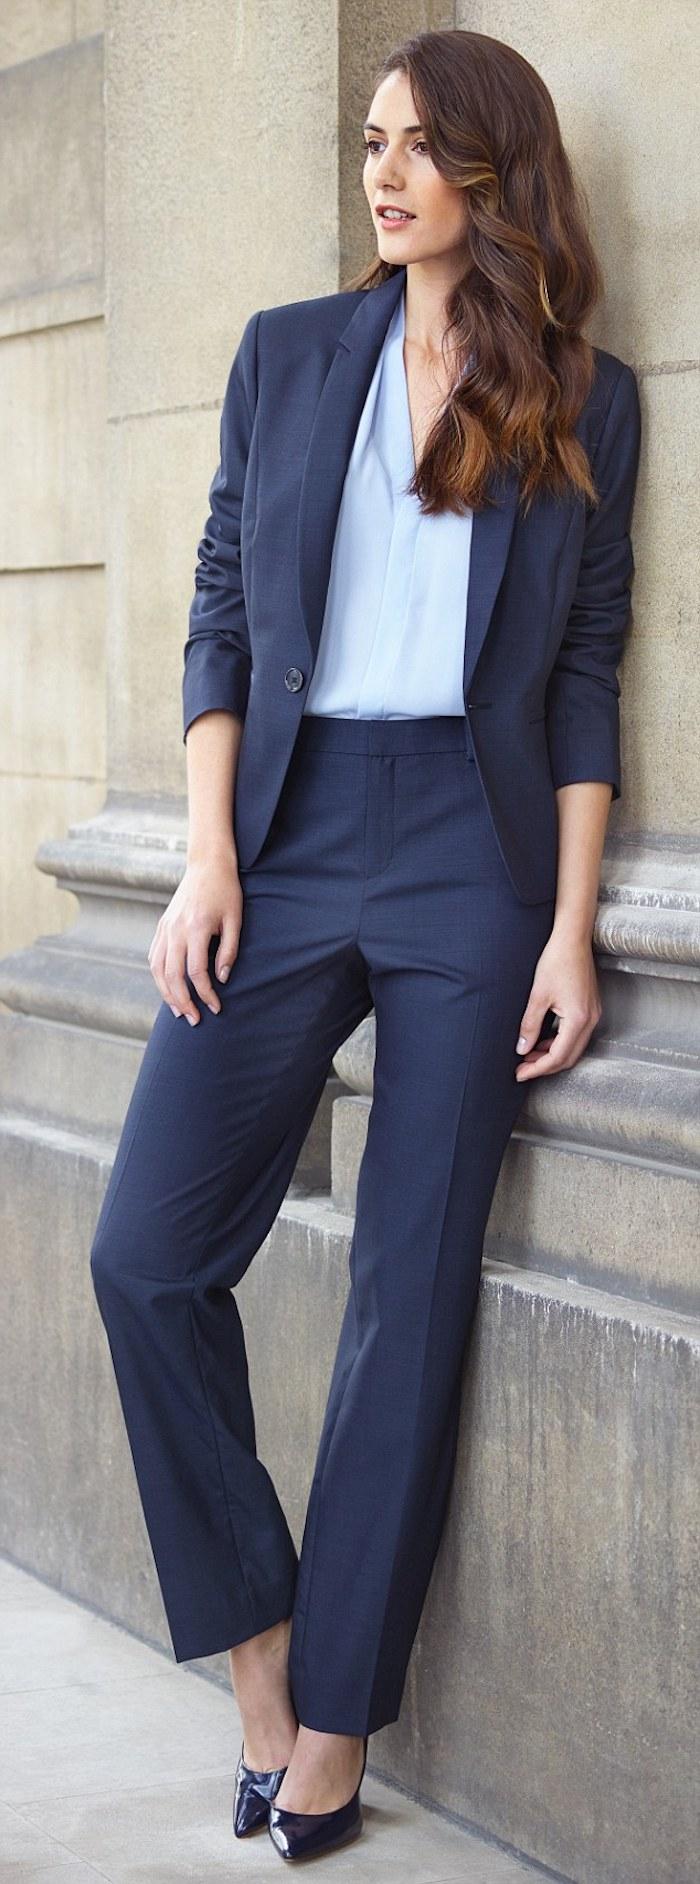 grauer anzug welches hemd kann dem dunkelgrauen besser als hellblau oder weiß stehen ideen für businessdamen